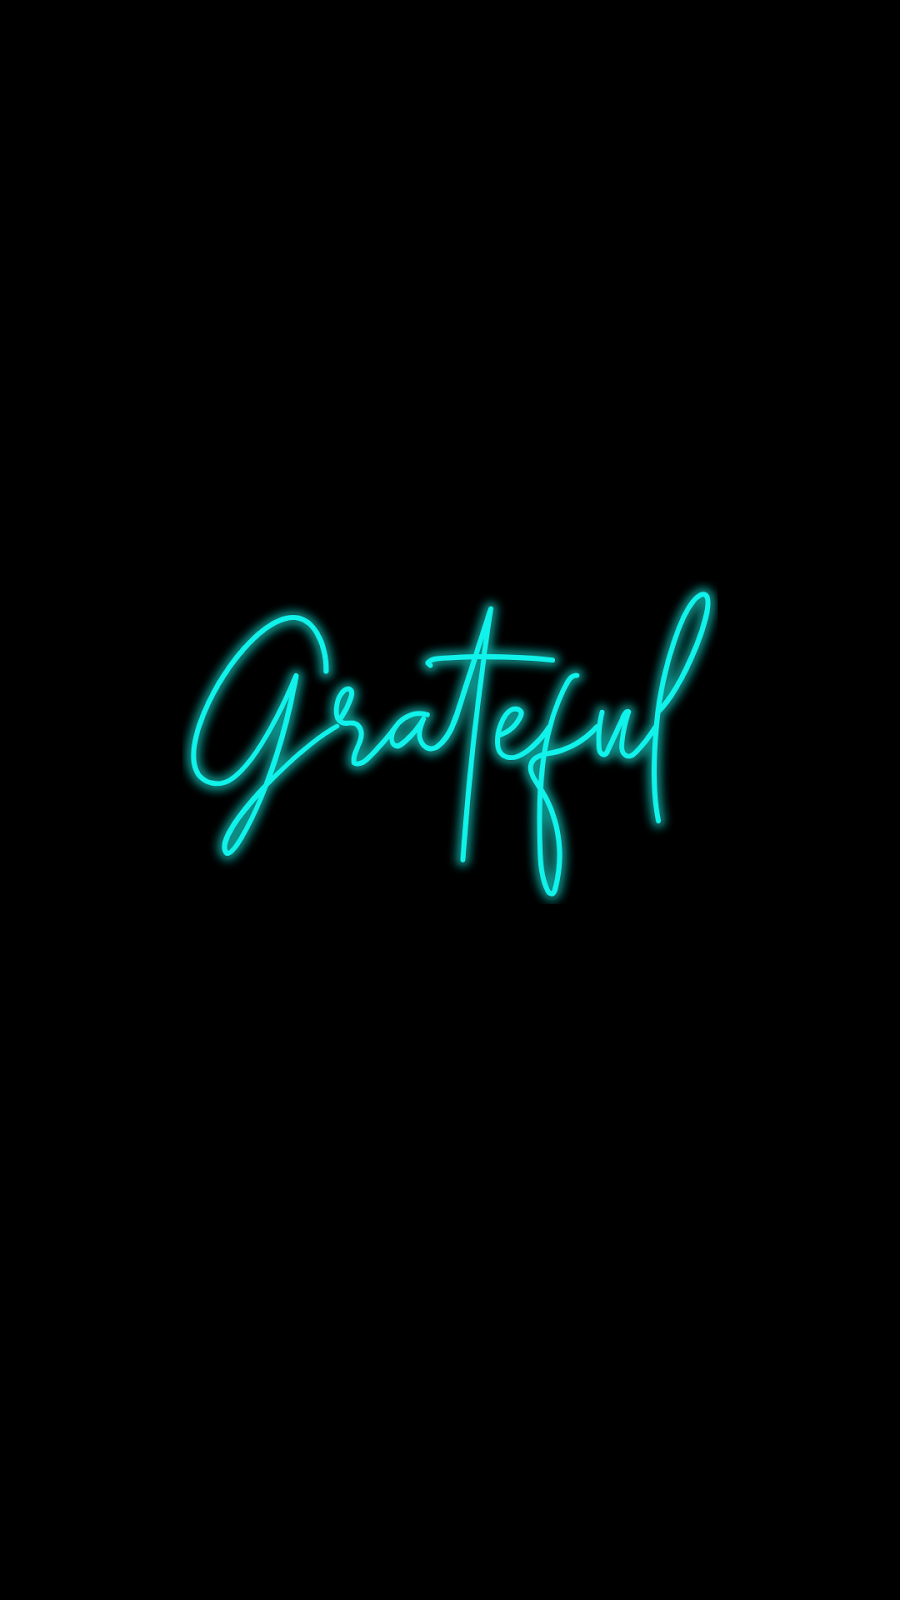 oled black background true amoled grateful word